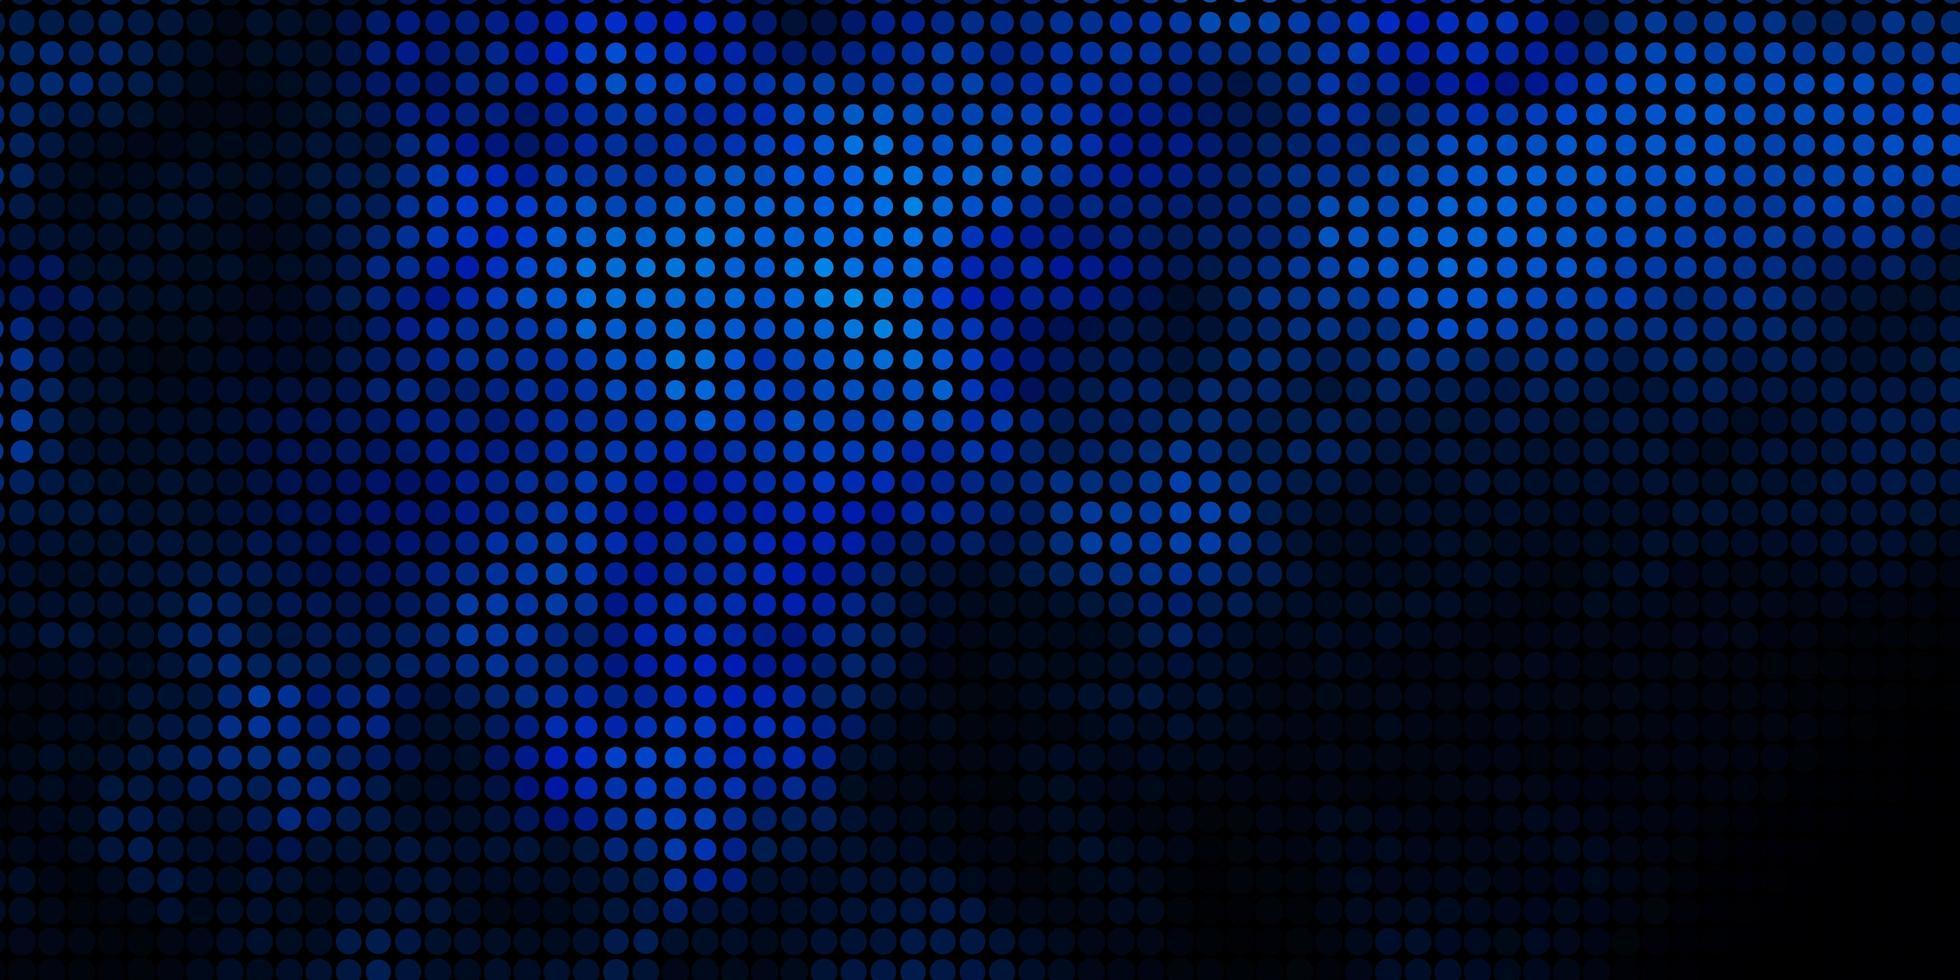 fond de vecteur bleu foncé avec des cercles.